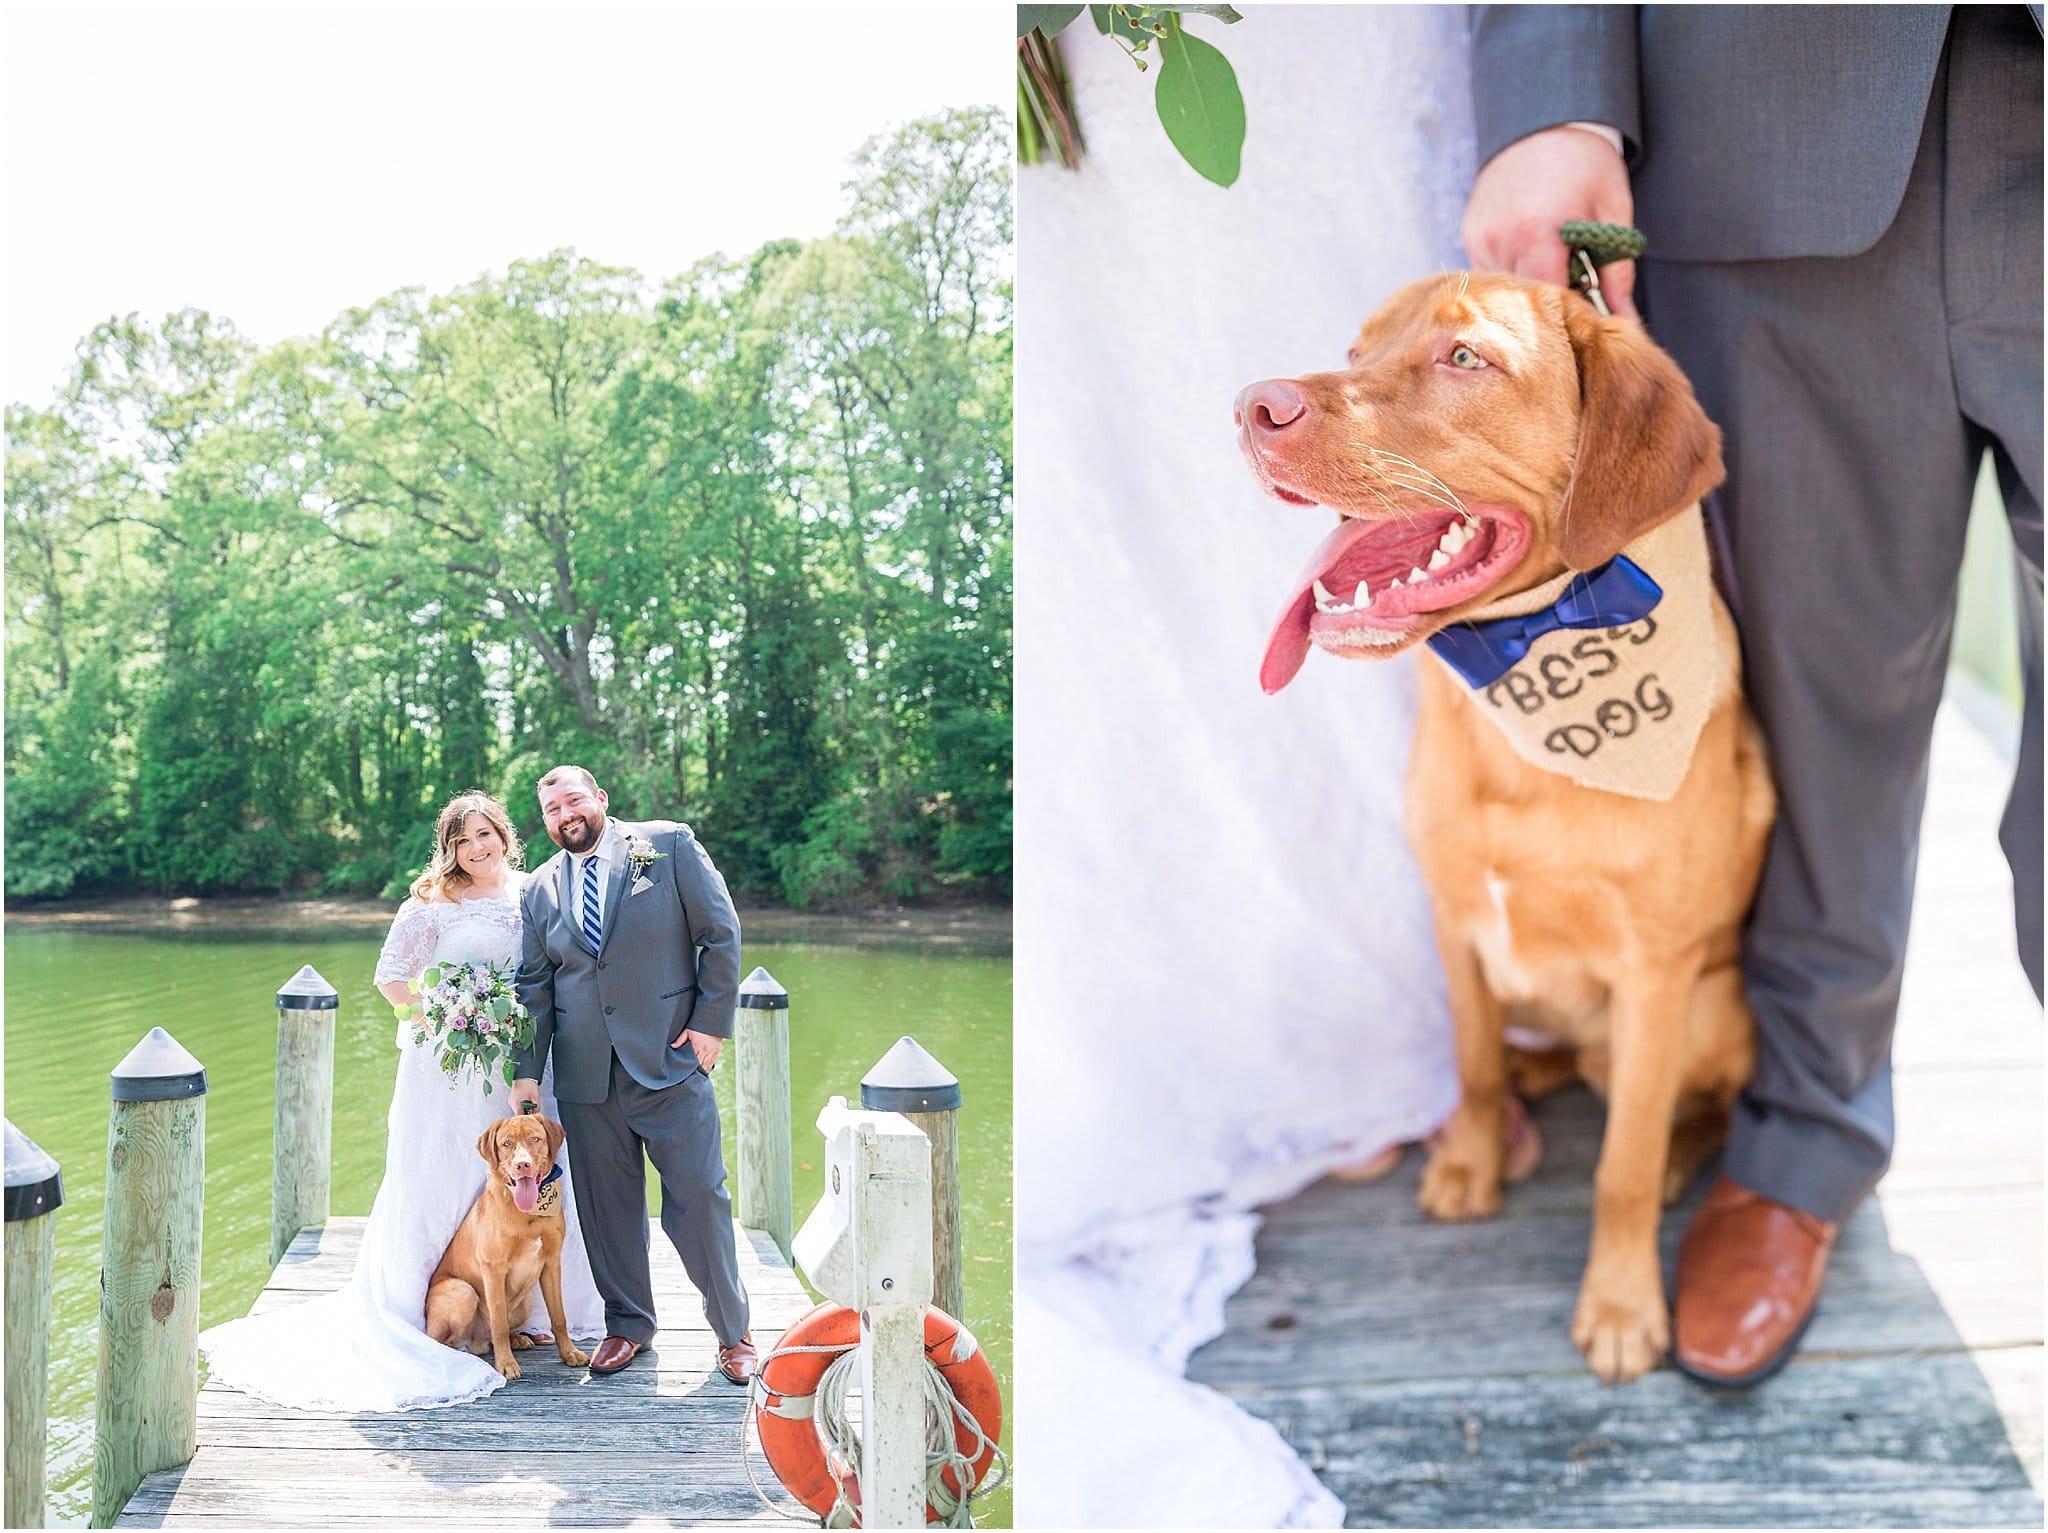 cole-wye-island-wedding-cassidymrphotography_0054